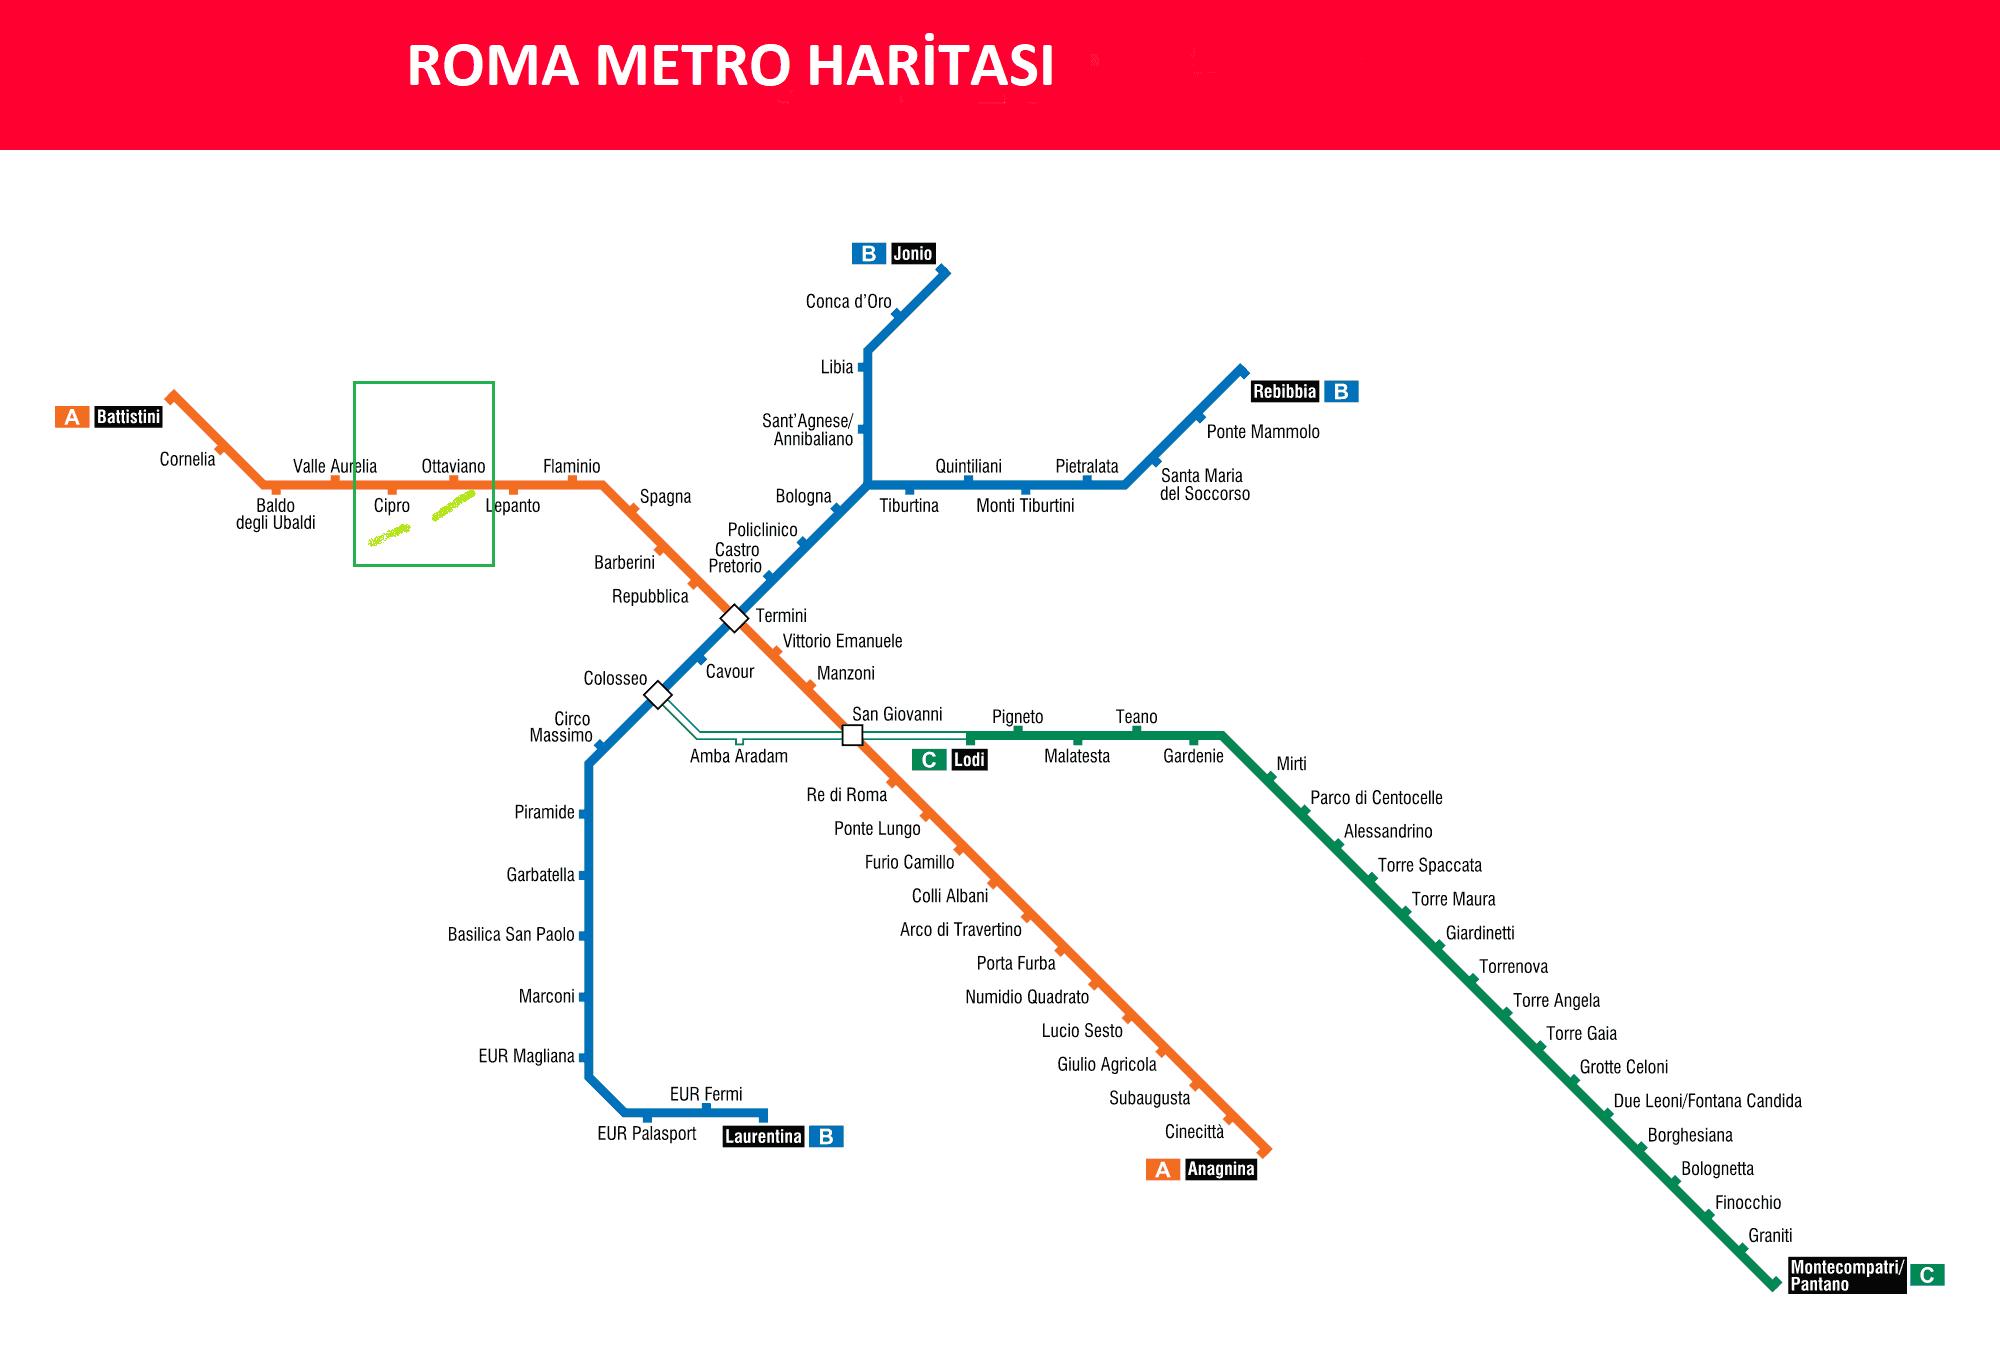 Roma Metro Haritası - Vatikan'a Nasıl Gidilir